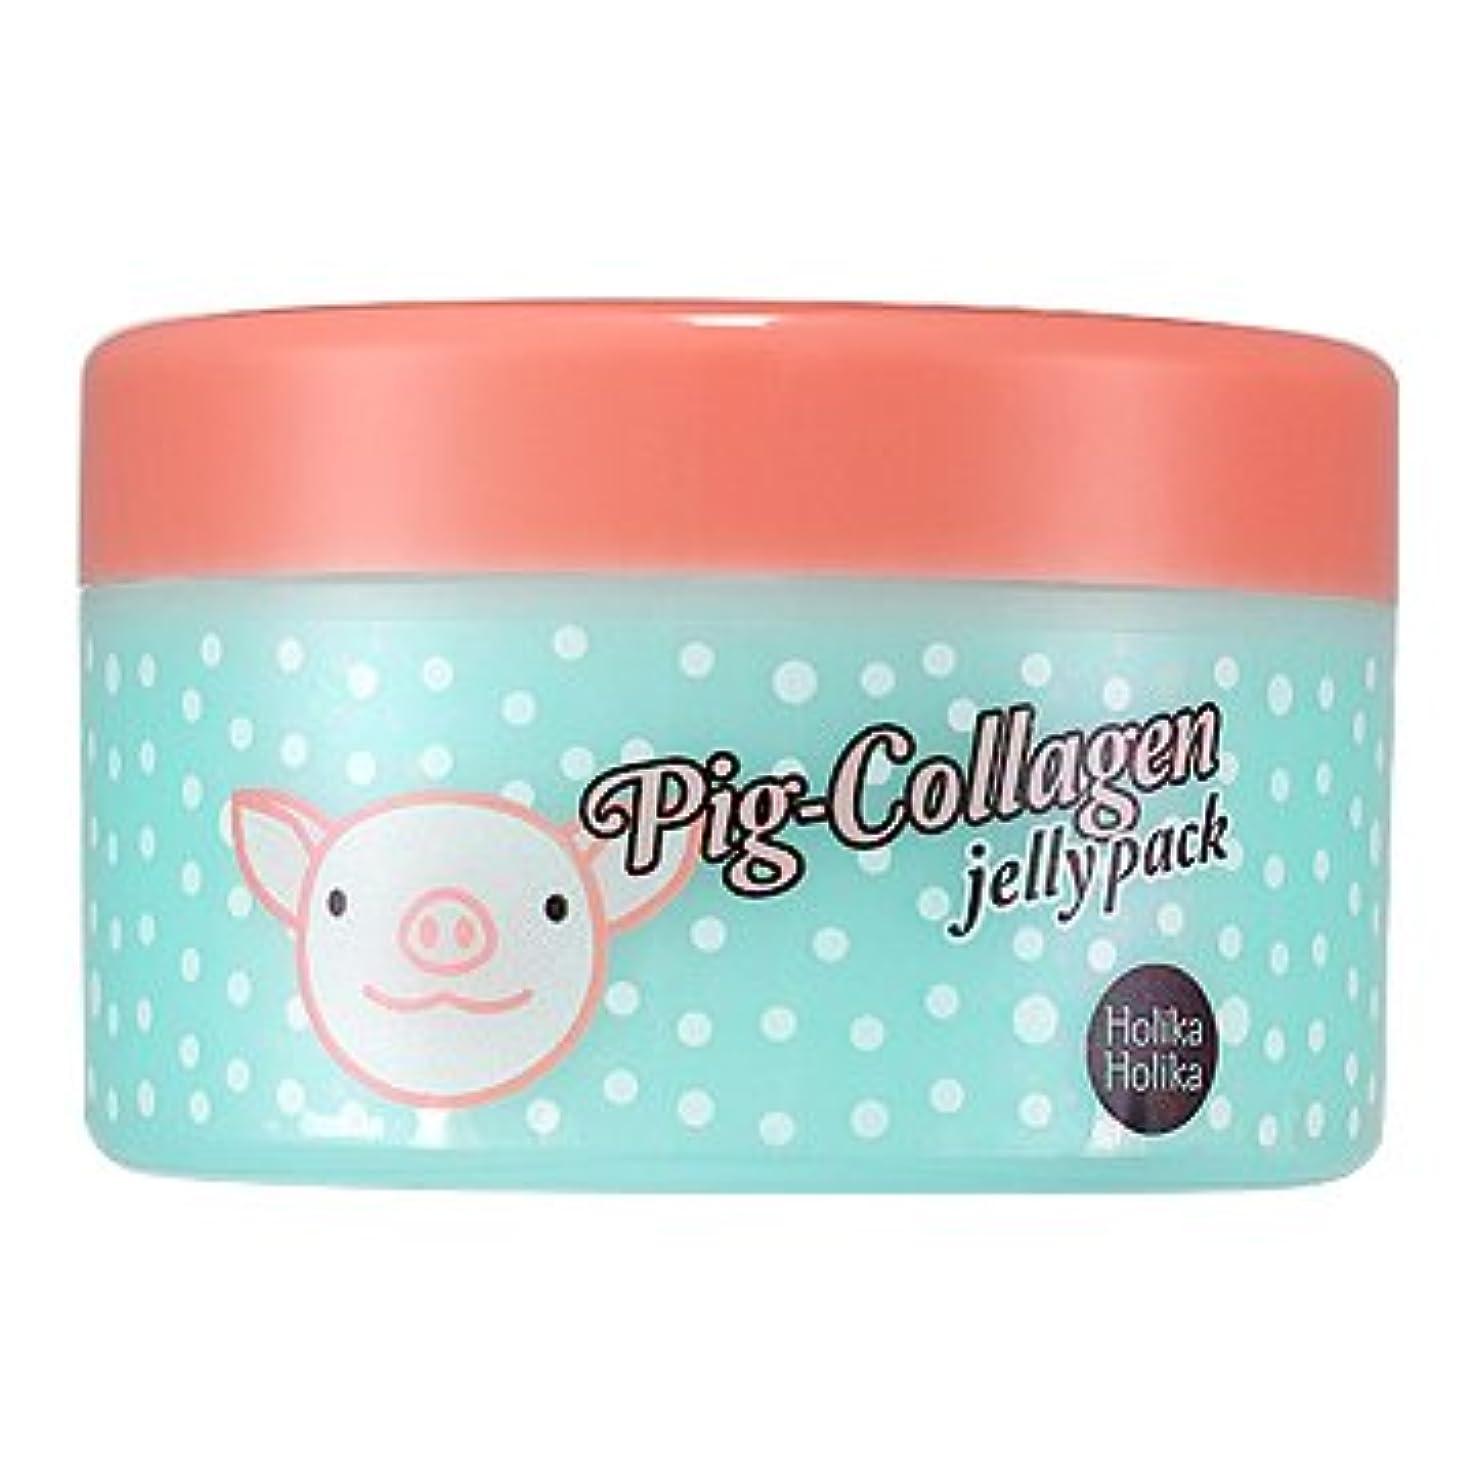 軽食閉じ込める誕生日ホリカホリカ ピッグコラーゲンジェリーパック(リンクルケア) / HolikaHolika Pig Collagen Jelly Pack 80g [並行輸入品]